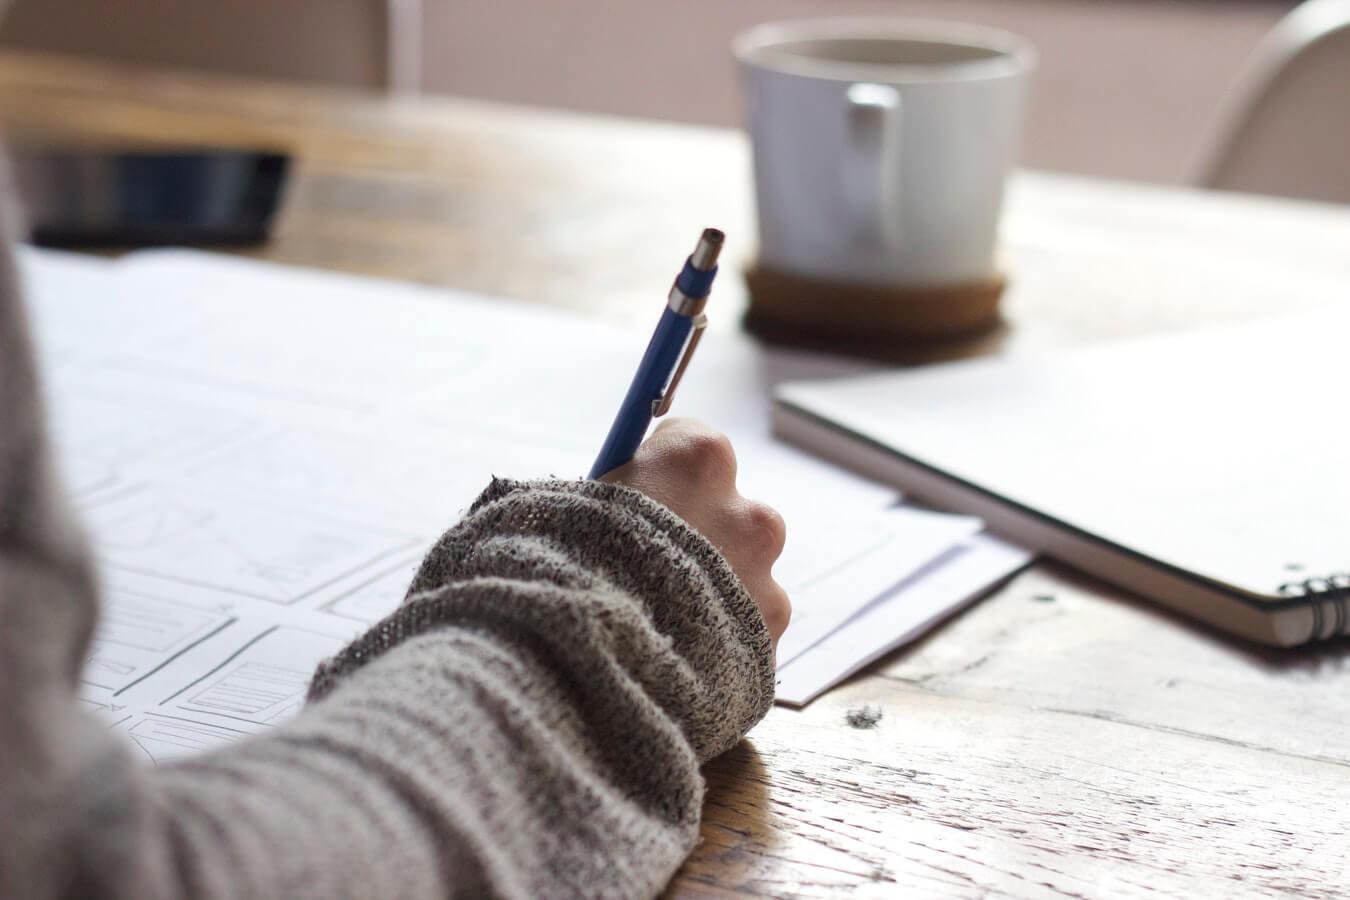 gros plan sur une main droite tenant un stylo bille sur une table en bois